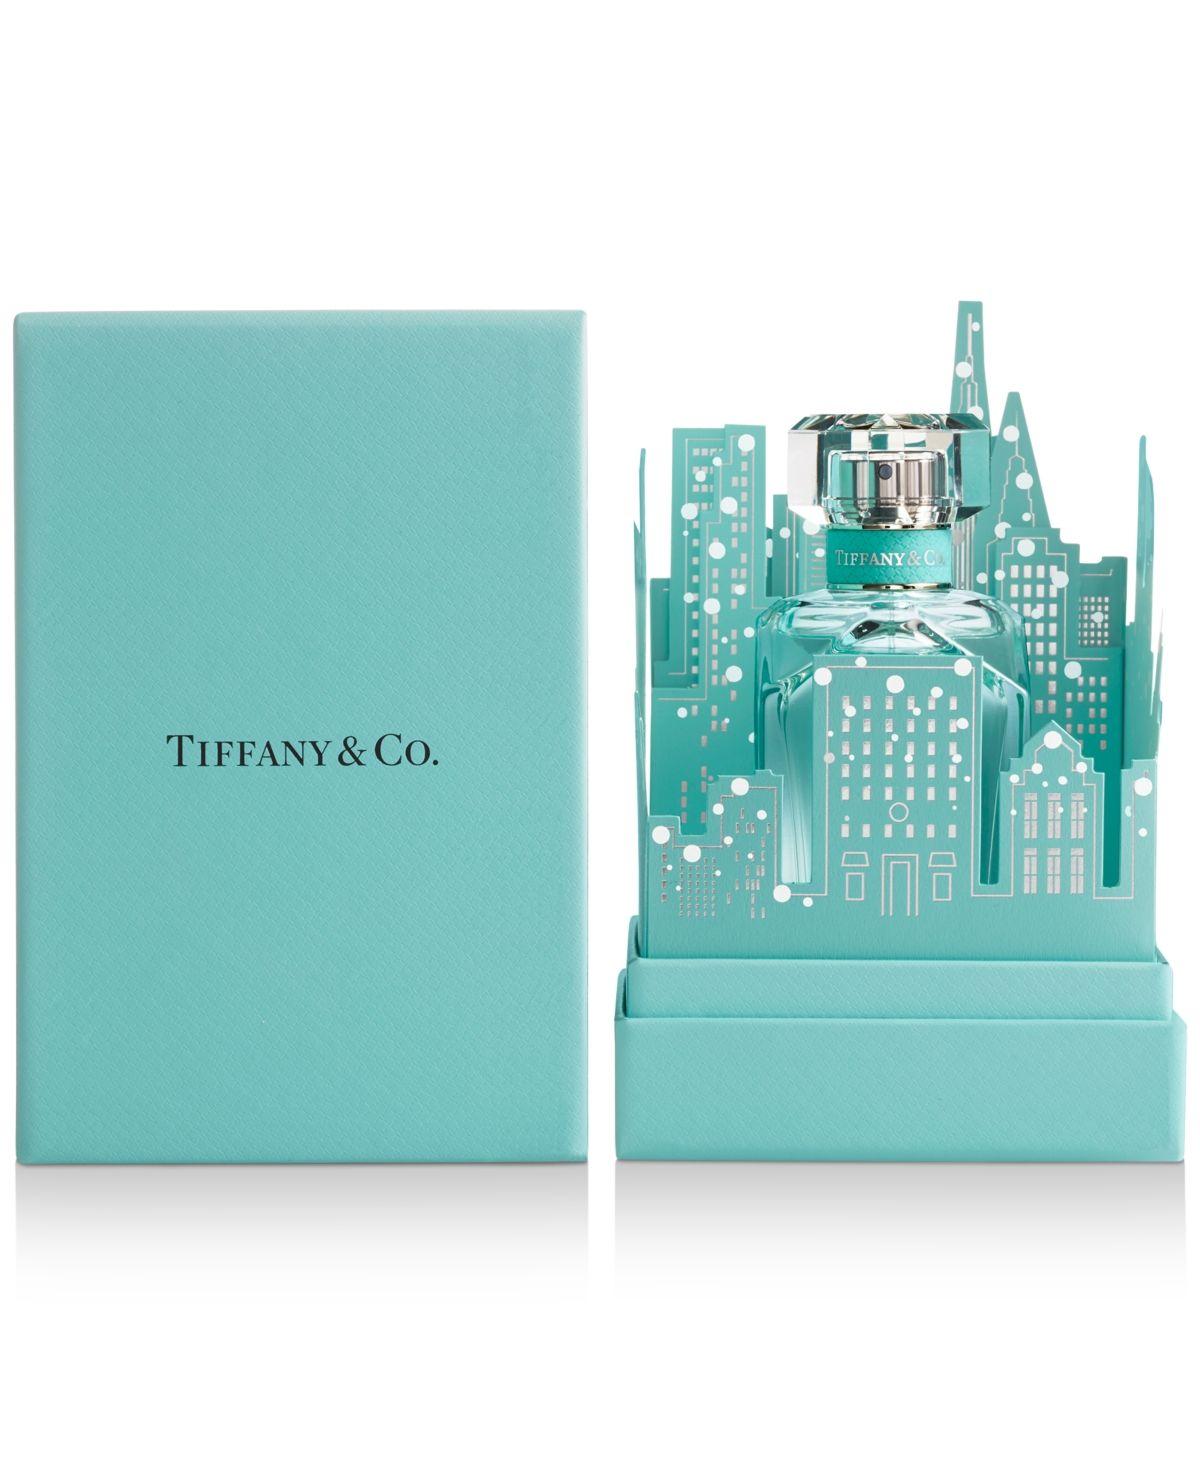 Tiffany Co Limited Edition Tiffany Eau De Parfum 2 5 Oz Tiffany Co Perfume Box Eau De Parfum